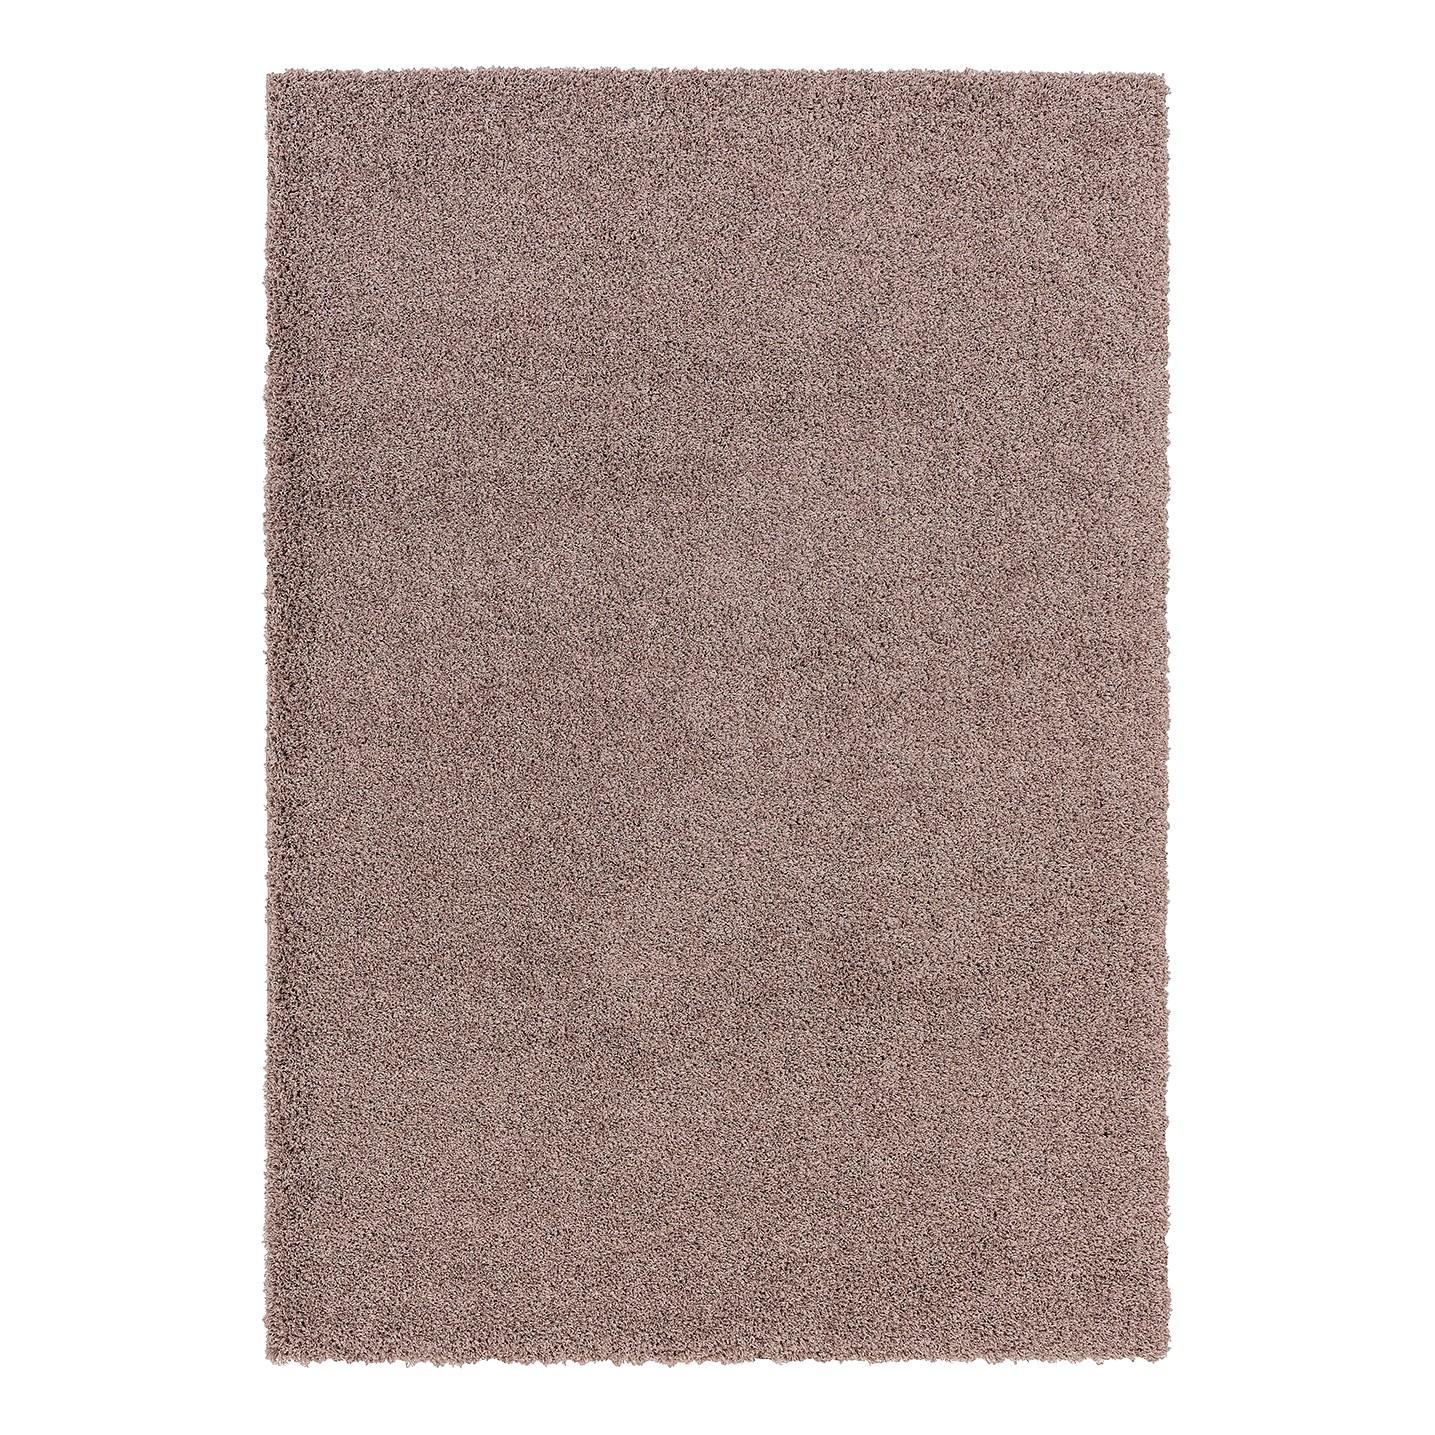 Teppich Energy - Kunstfaser - Altrosa, Schöner Wohnen Kollektion